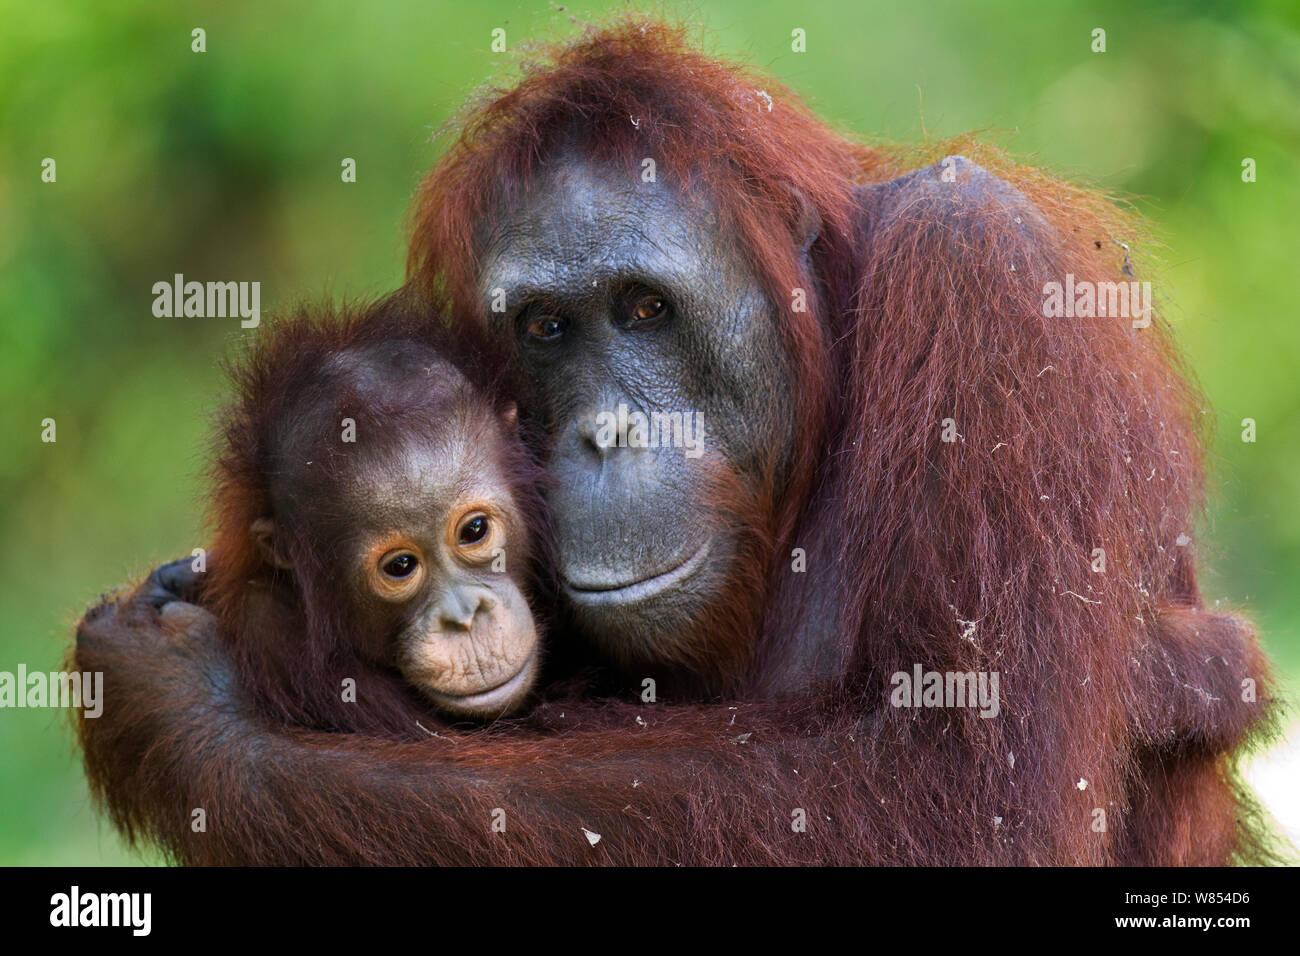 Bornean orangután (Pongo pygmaeus) hembra 'Unyuk wurmbii' abrazando a su hija 'Ursula', de 4 años de edad. Camp Leakey, el parque nacional Tanjung Puting, Kalimantan Central, Borneo, Indonesia. En junio de 2010. Rehabilitado y liberado (o descendientes de) entre 1971 y 1995. Foto de stock